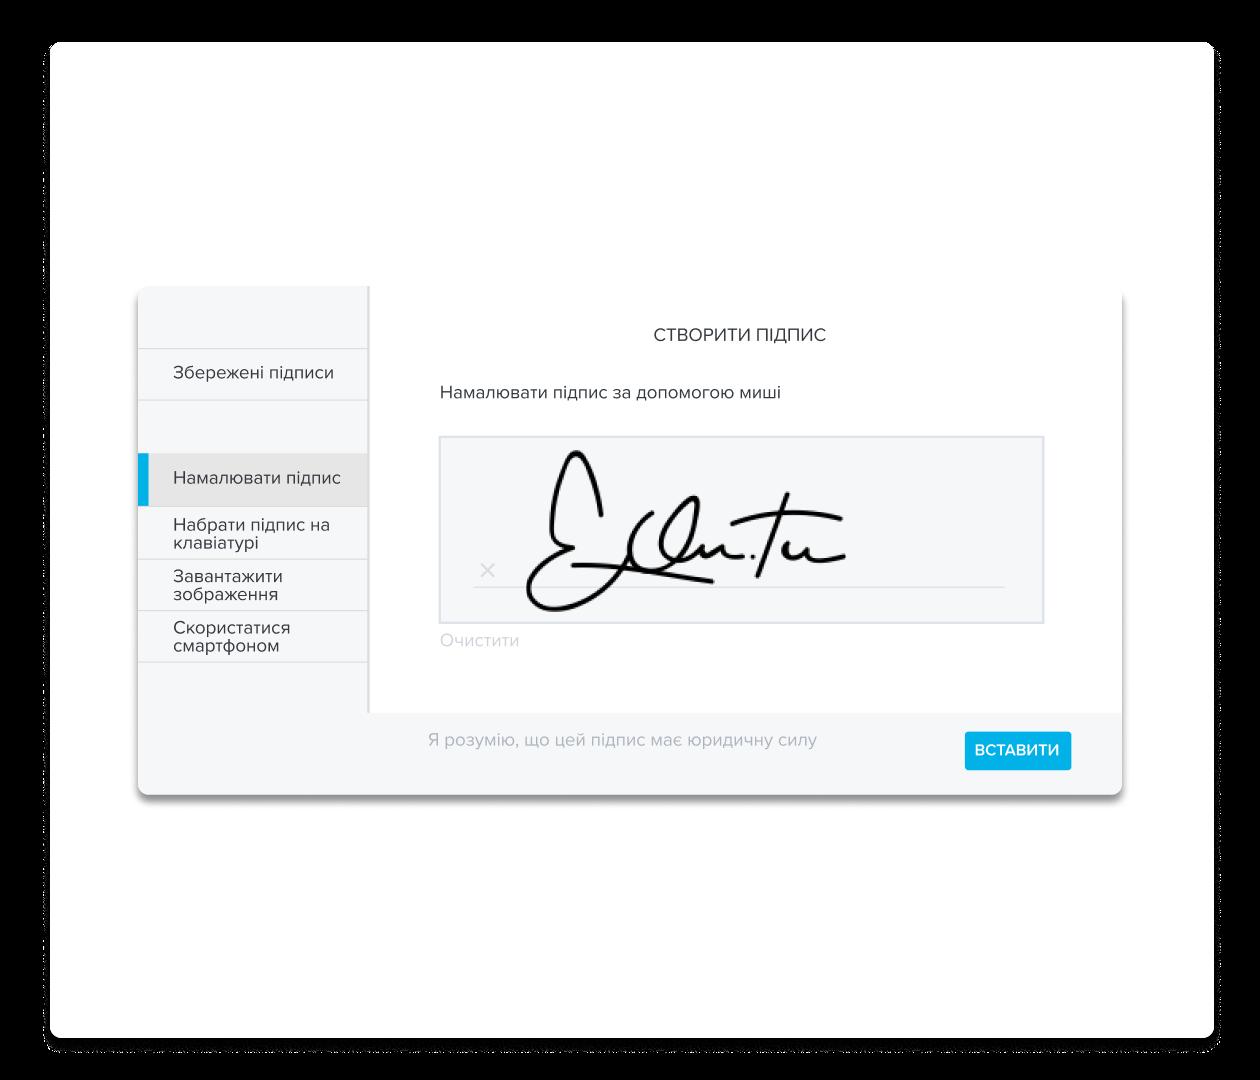 Скріншот створення підпису в HelloSign